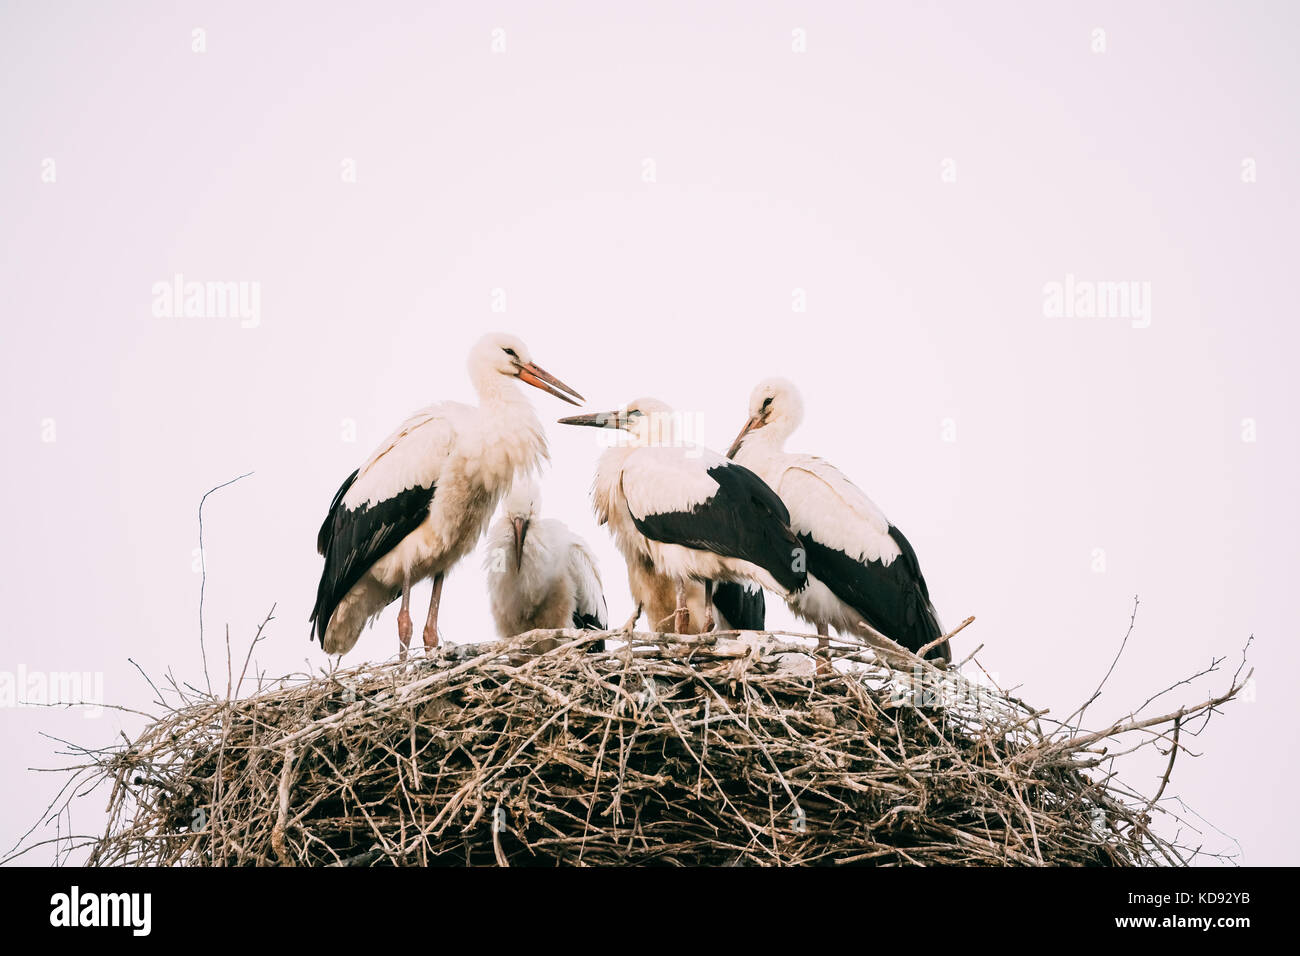 Familie von Erwachsenen europäischen Weißstörche im Nest auf weißen Himmel Hintergrund. Stockbild